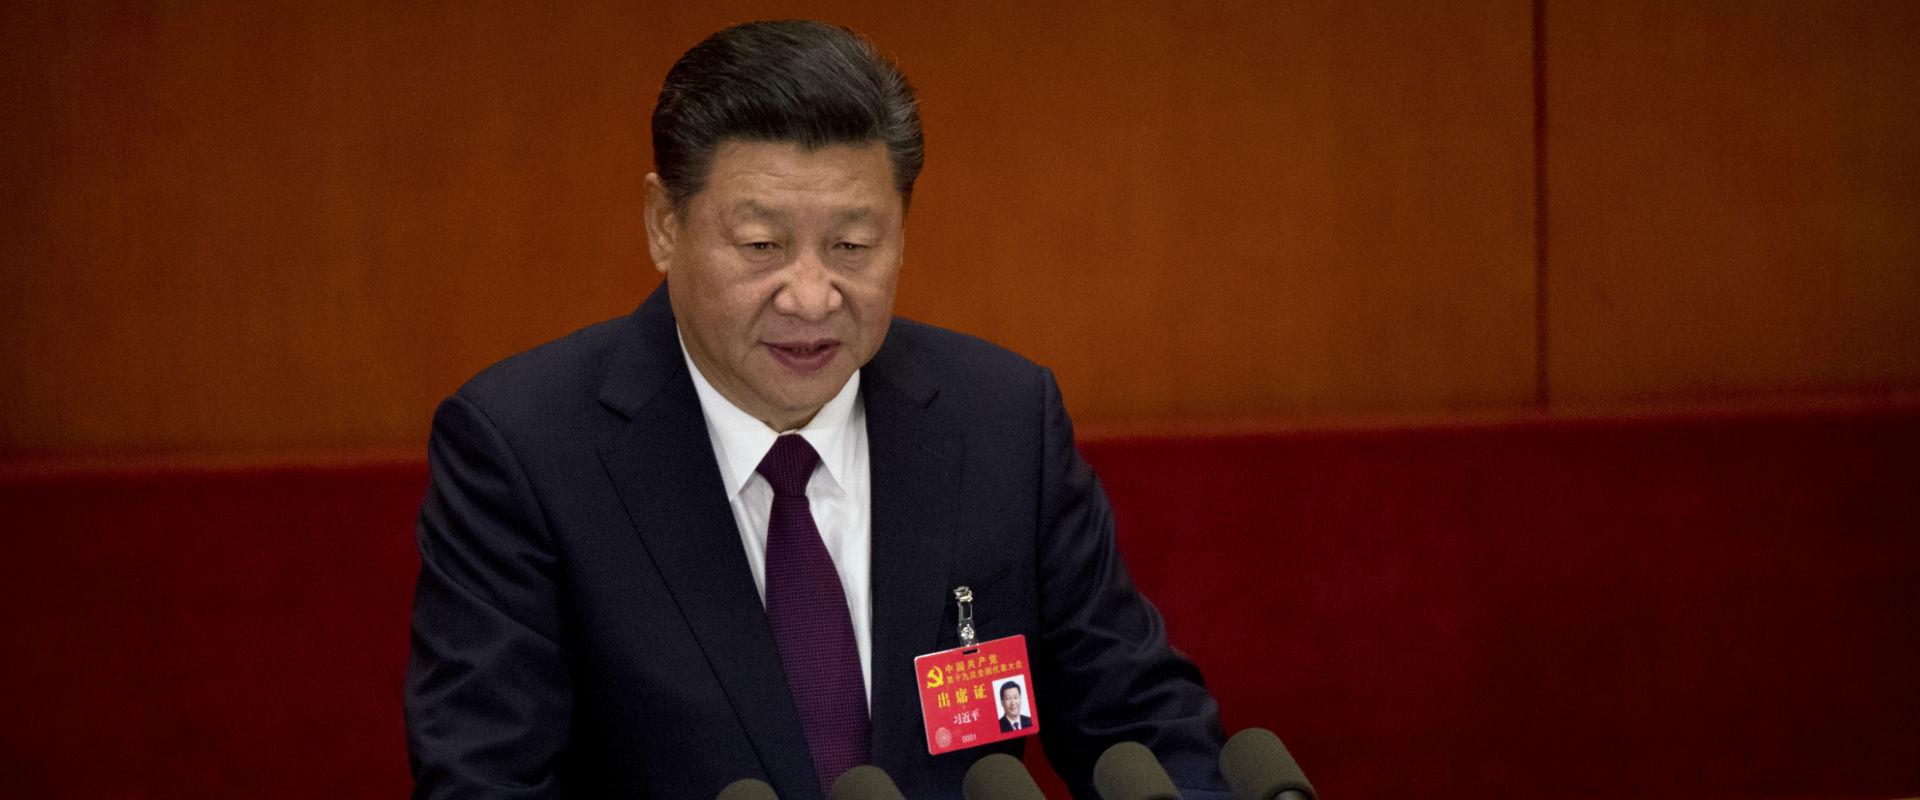 נשיא סין בוועידת מפלגת השלטון, היום